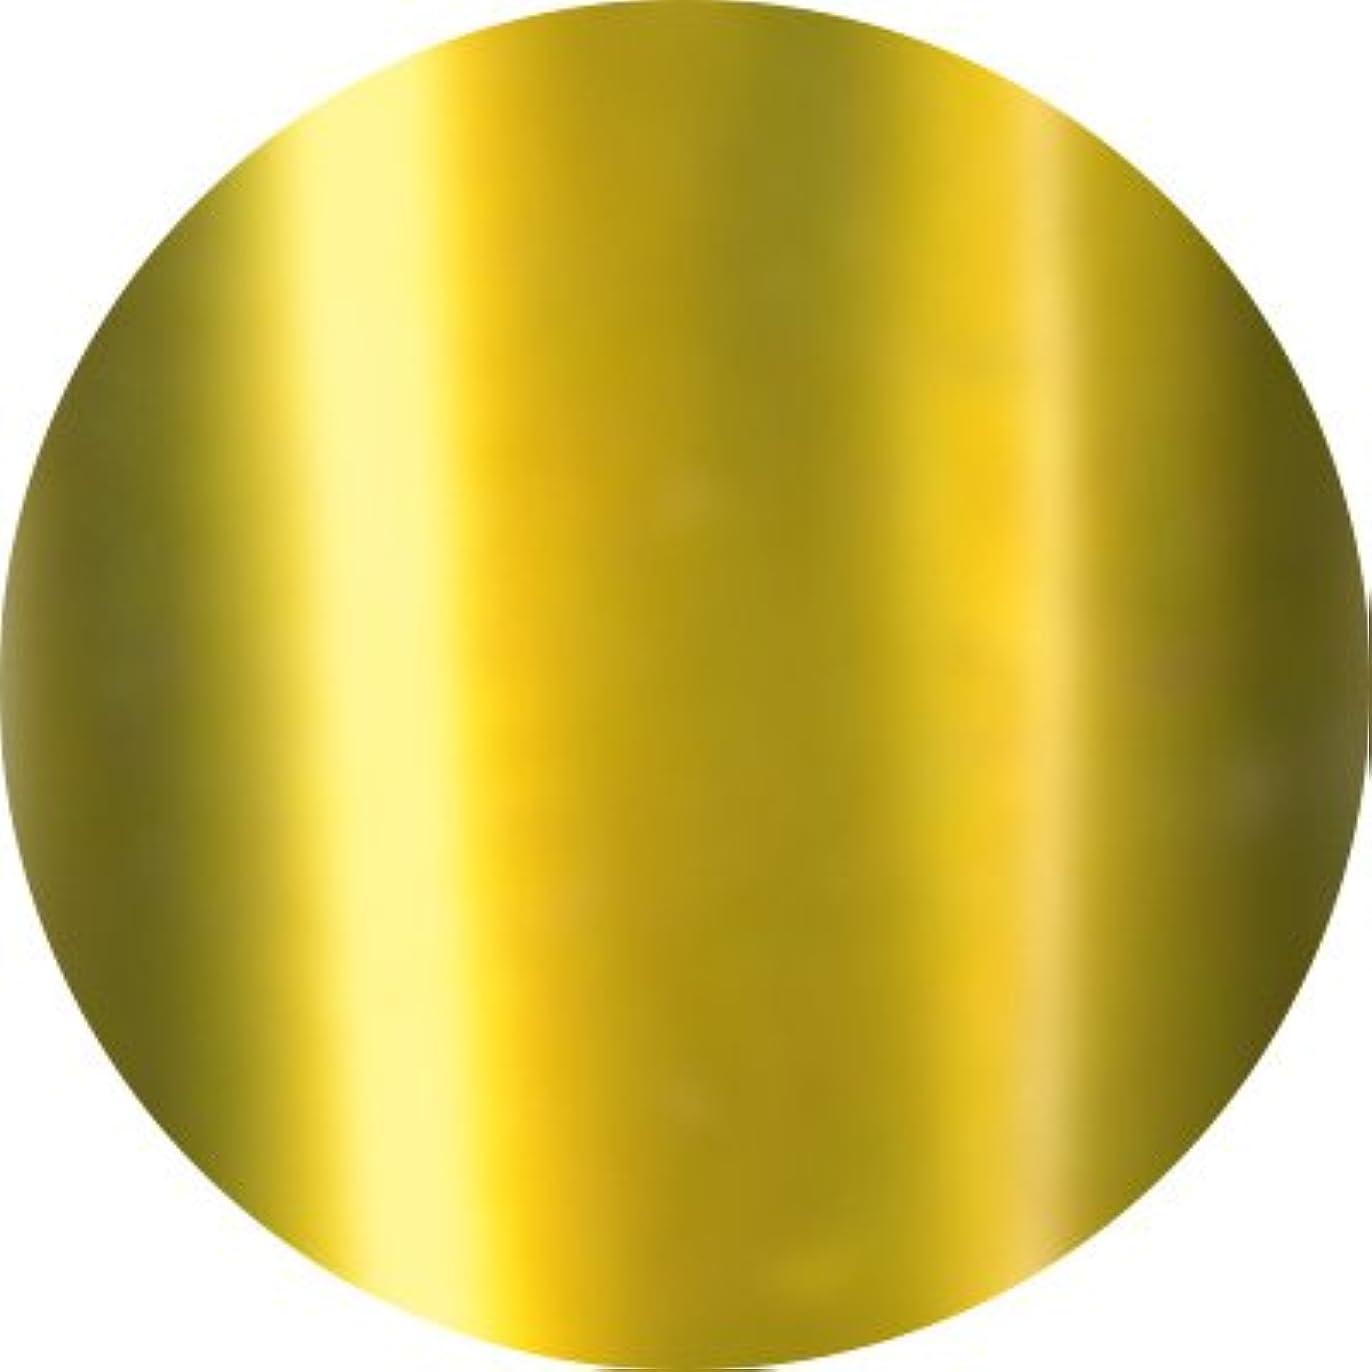 養う機転破壊Jewelry jel(ジュエリージェル) カラージェル 5ml<BR>ピッカピカメタリック MKゴールド